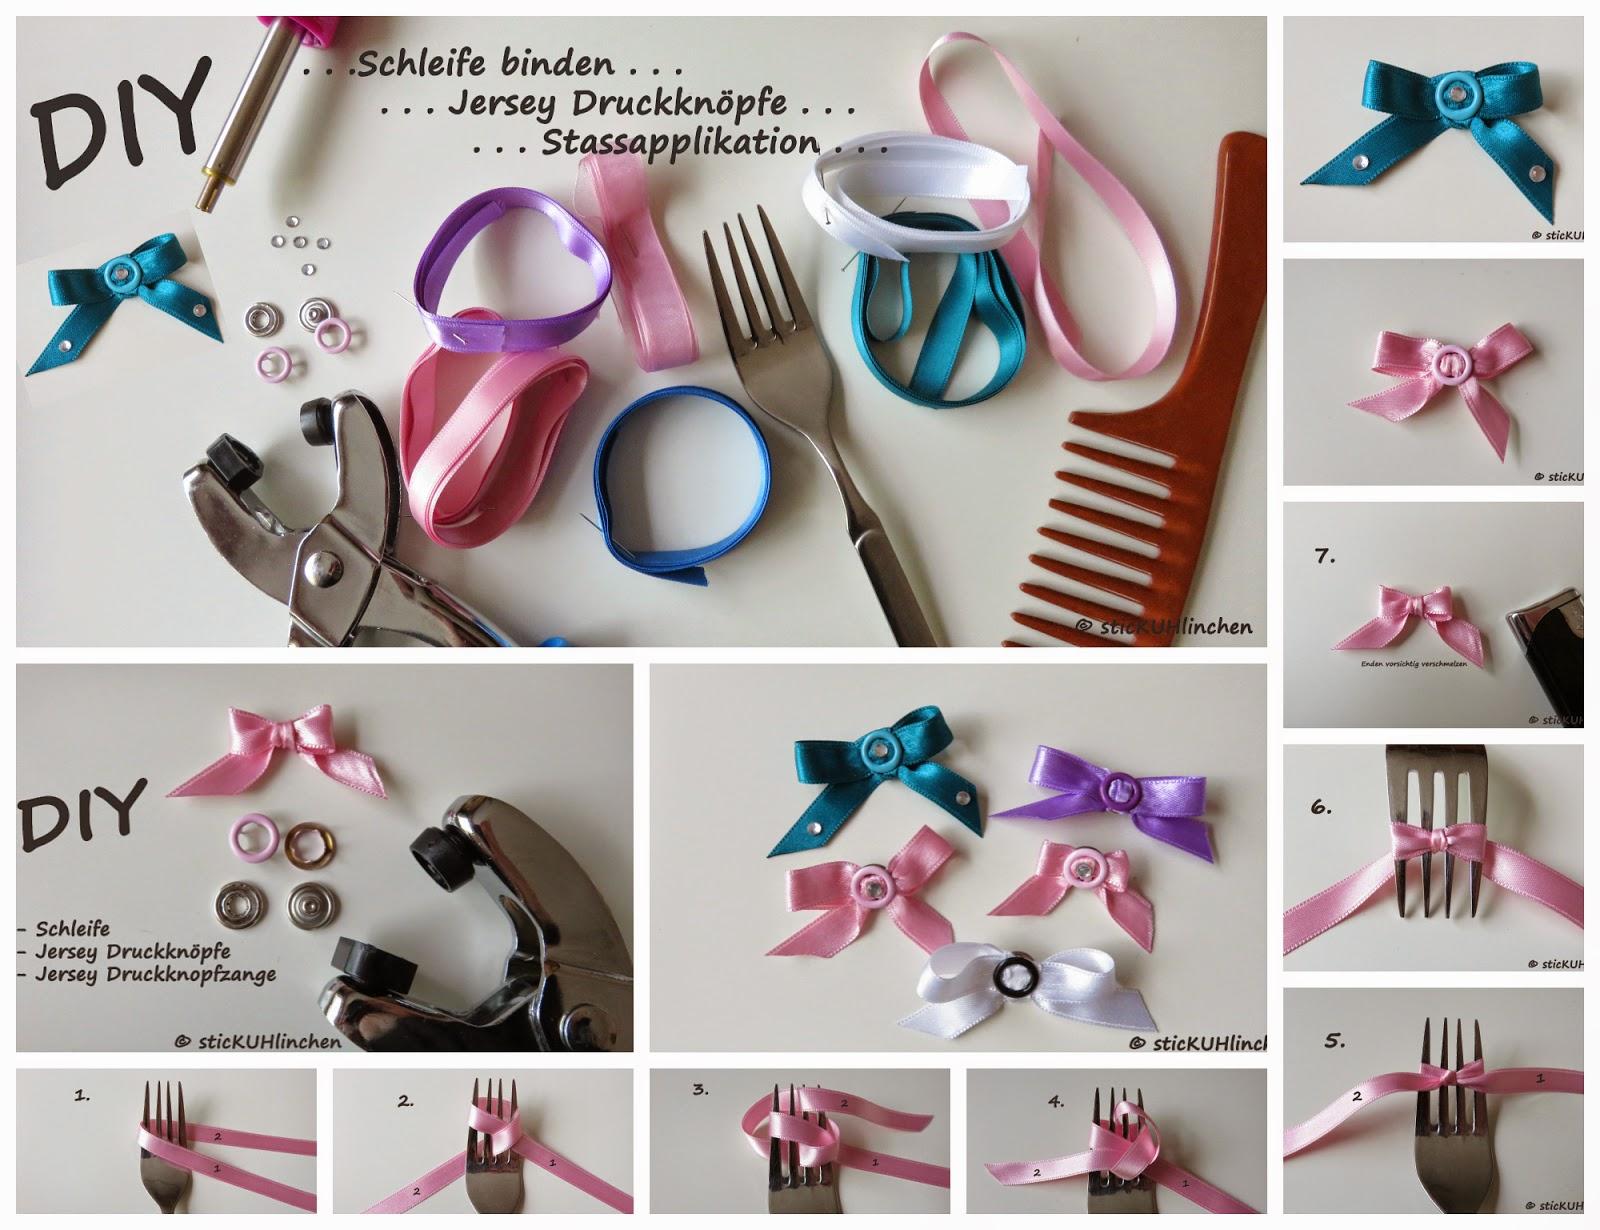 f85c86e04bdaea DIY Schleife mit der Gabel binden und mit Jersey Drucknöpfen zum süßen  Accessoires gestalten !